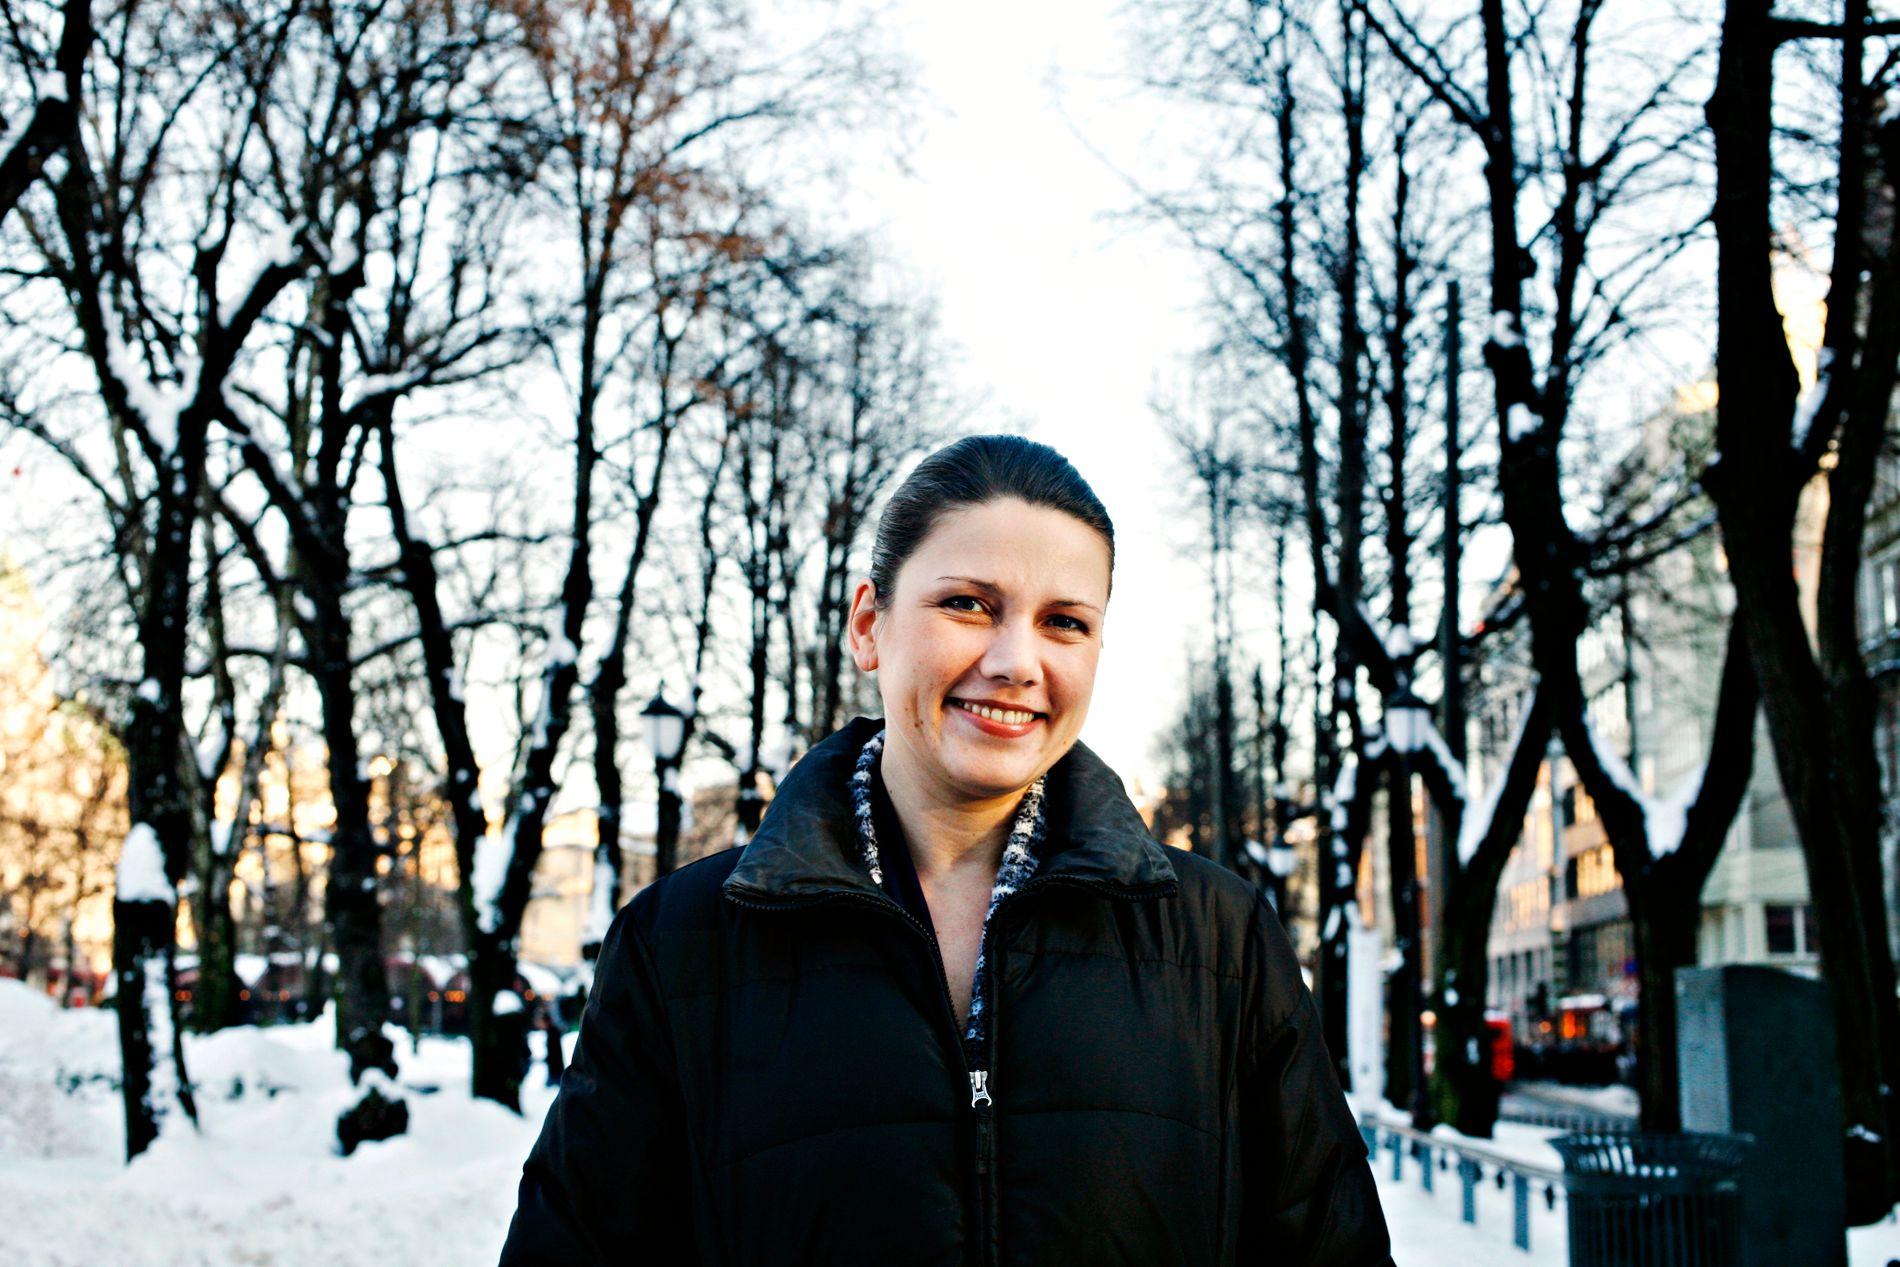 KRIG OG KUTT: Heidi Nordby Lunde (H) har varslet at hun vil gå til valg på å kutte i sykelønnen.  Fagforbundet kaller det en krigserklæring mot arbeidsfolk. Politikerne og partene i arbeidslivet må hale seg opp av skyttergravene og lytte til forskning og erfaring, skriver BT på lederplass.